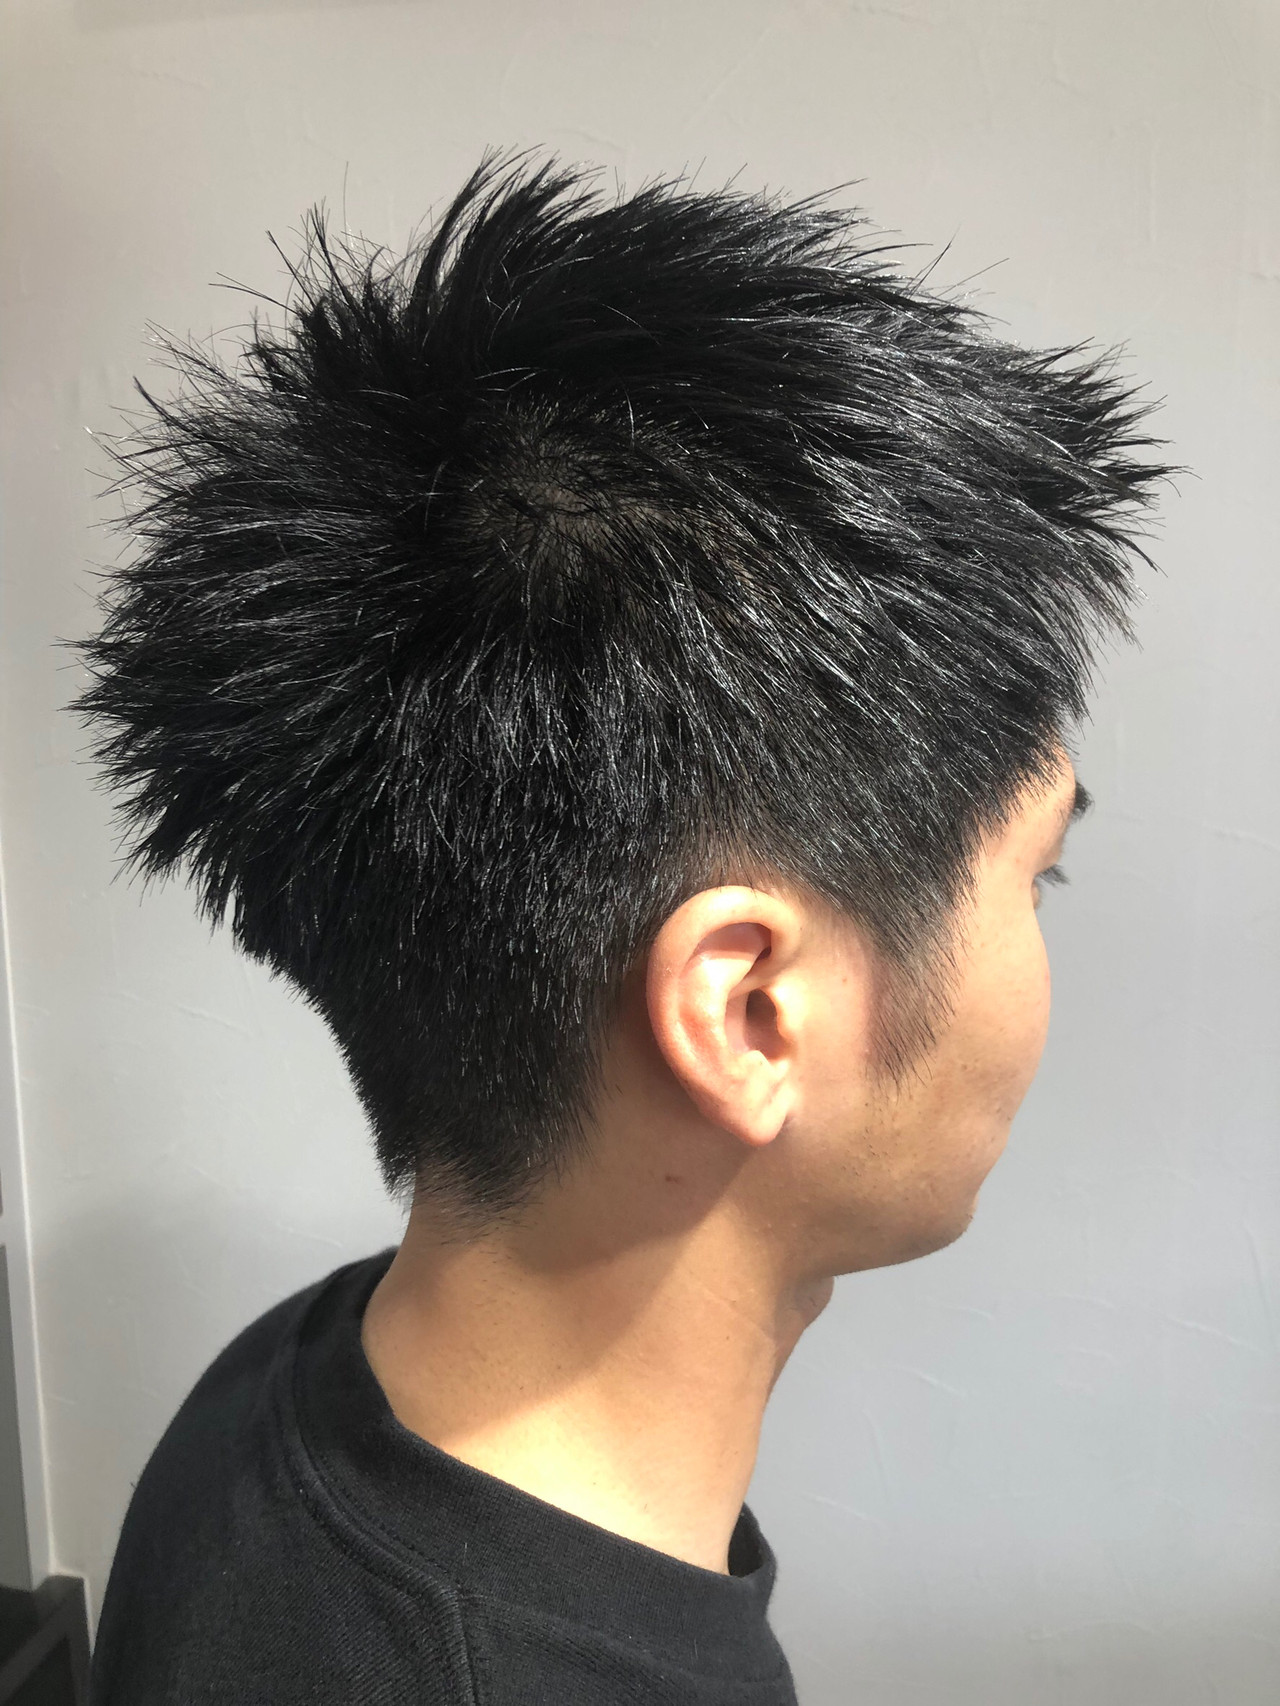 メンズ メンズカット ショート ストリート ヘアスタイルや髪型の写真・画像 | エイ / aime